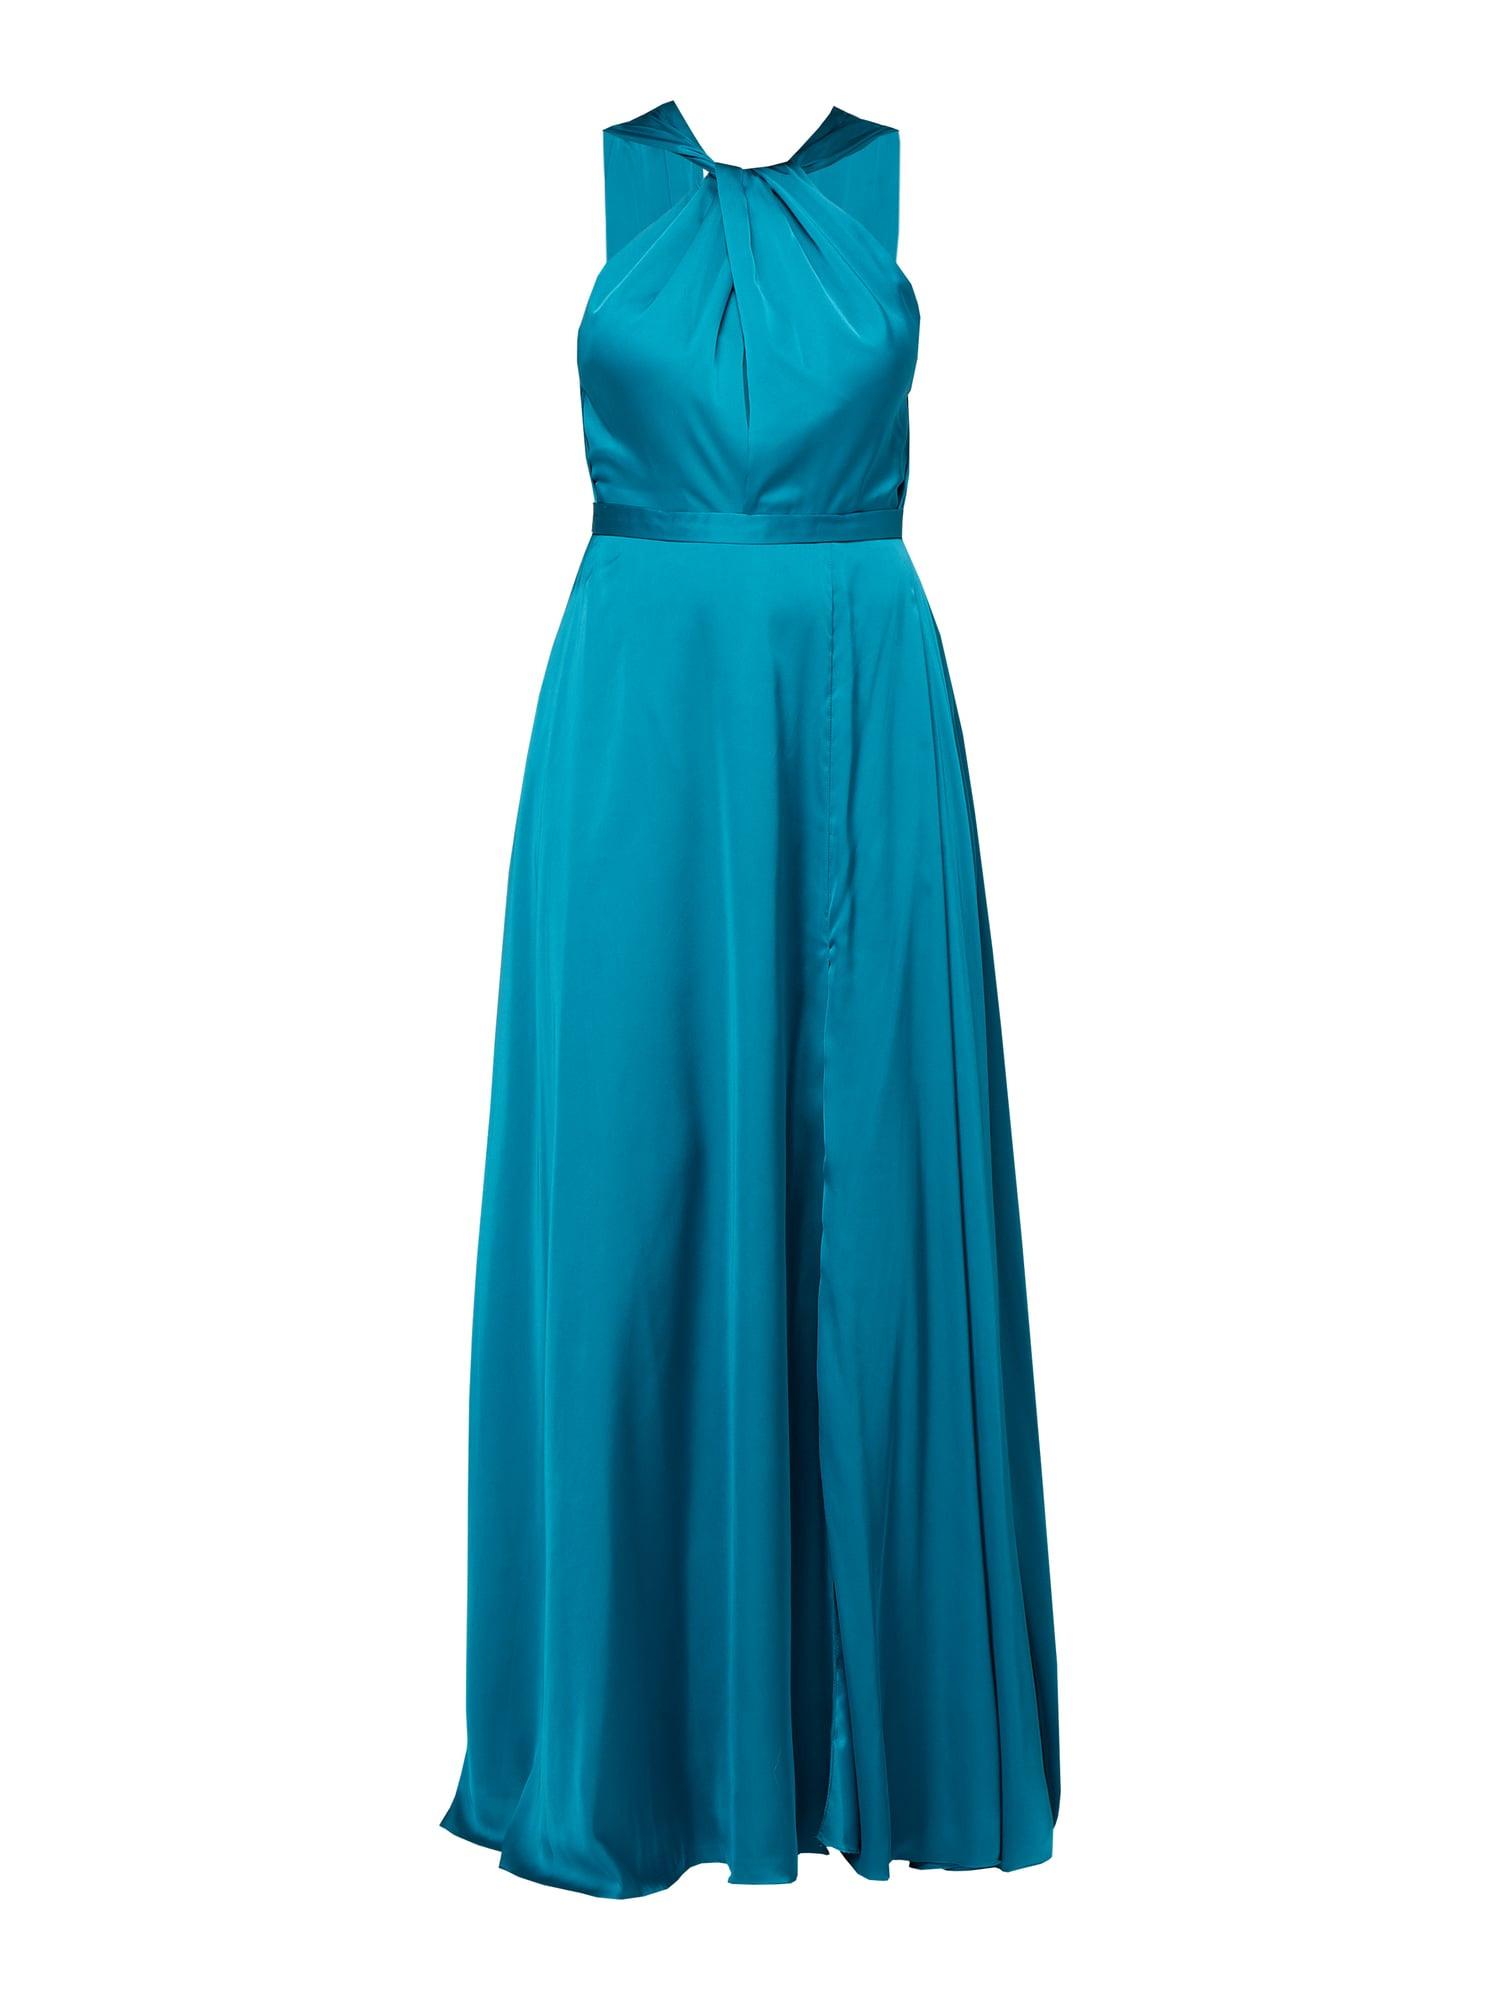 Ausgezeichnet Unique Abendkleid Aus Satin SpezialgebietDesigner Perfekt Unique Abendkleid Aus Satin Design